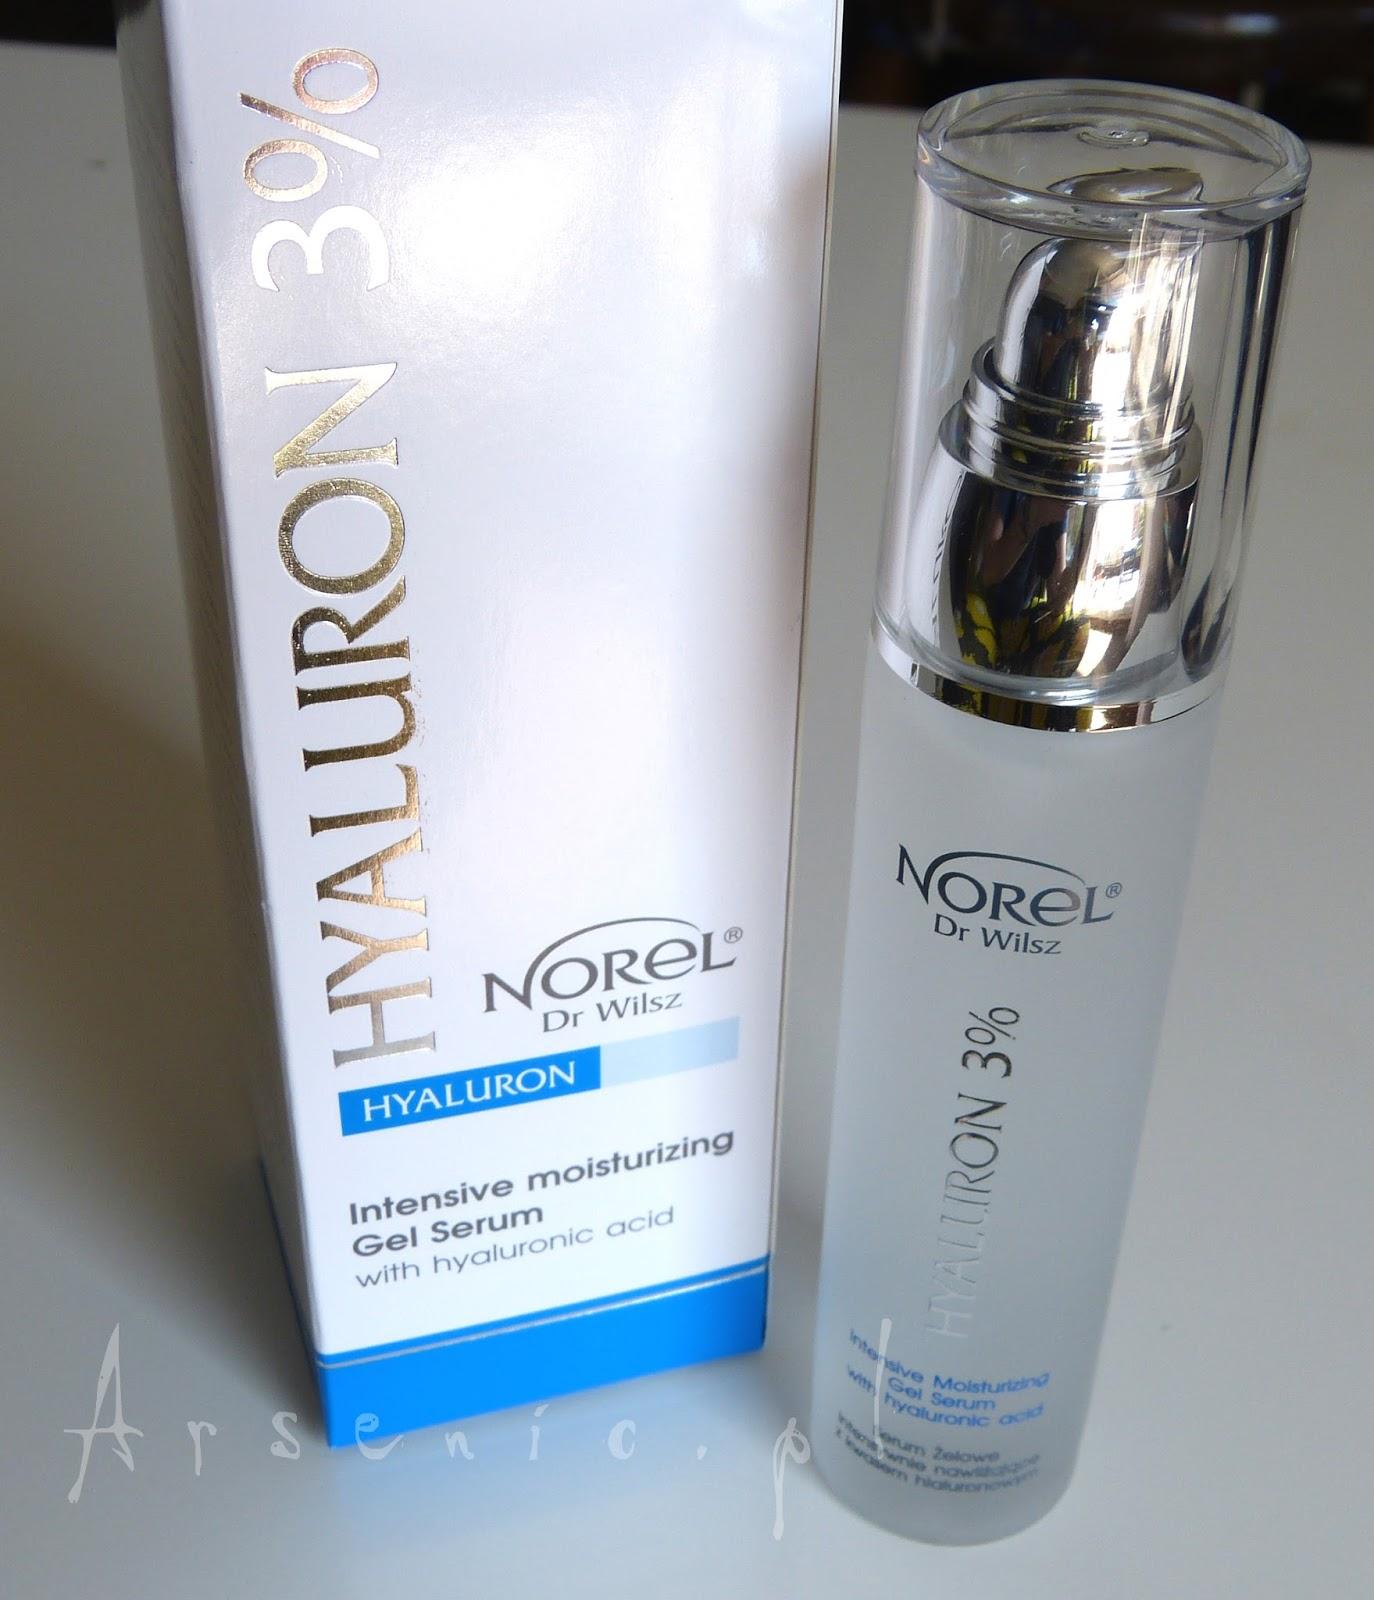 Norel intensywnie nawilżające serum z kwasem hialuronowym